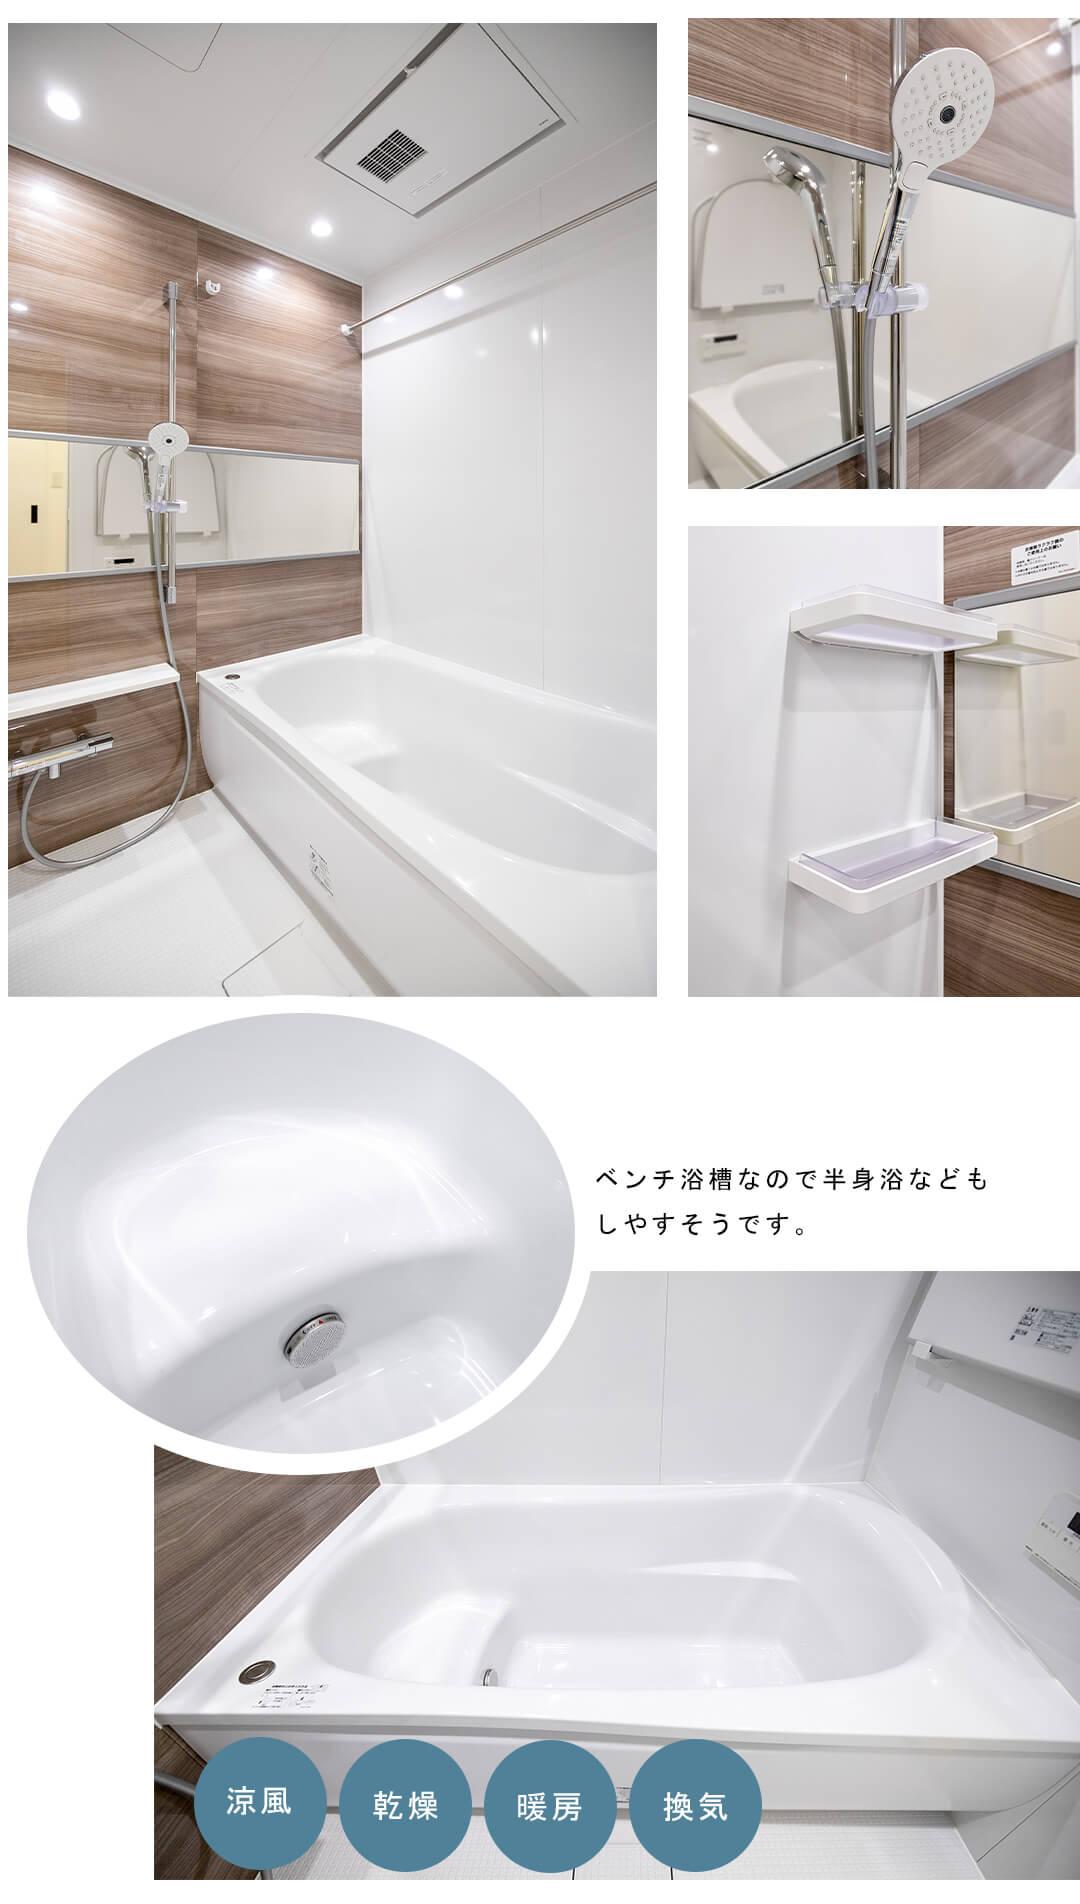 ベイサイドステージ東京の浴室